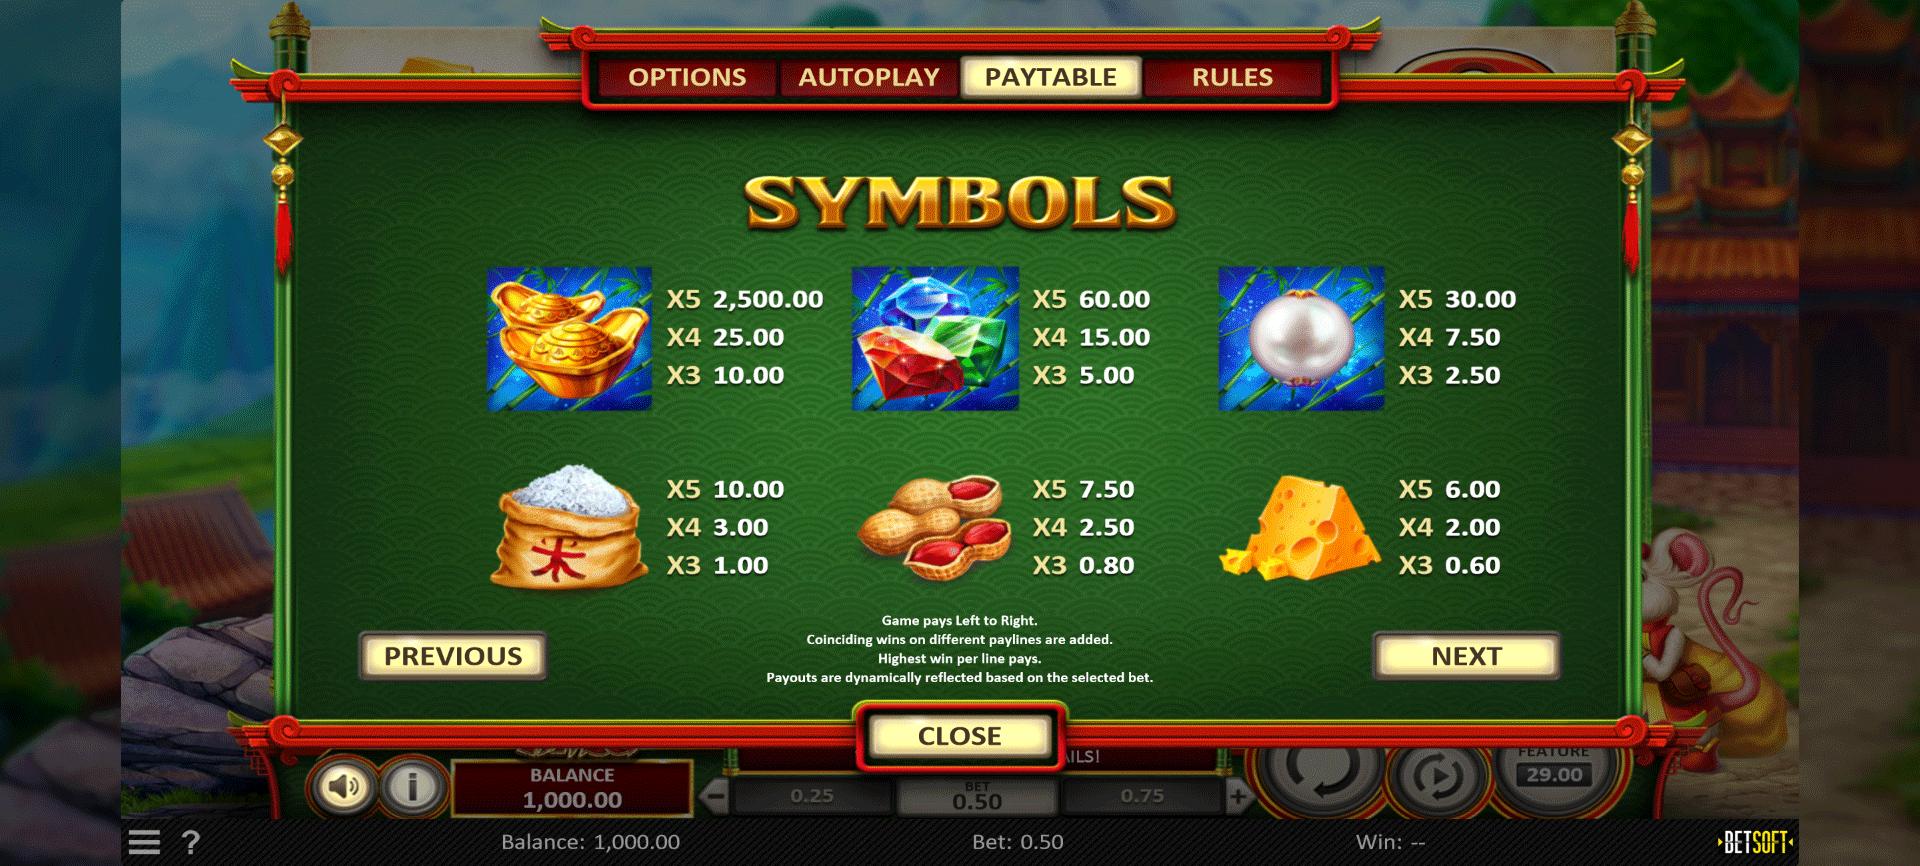 tabella dei pagamenti della slot machine spring tails